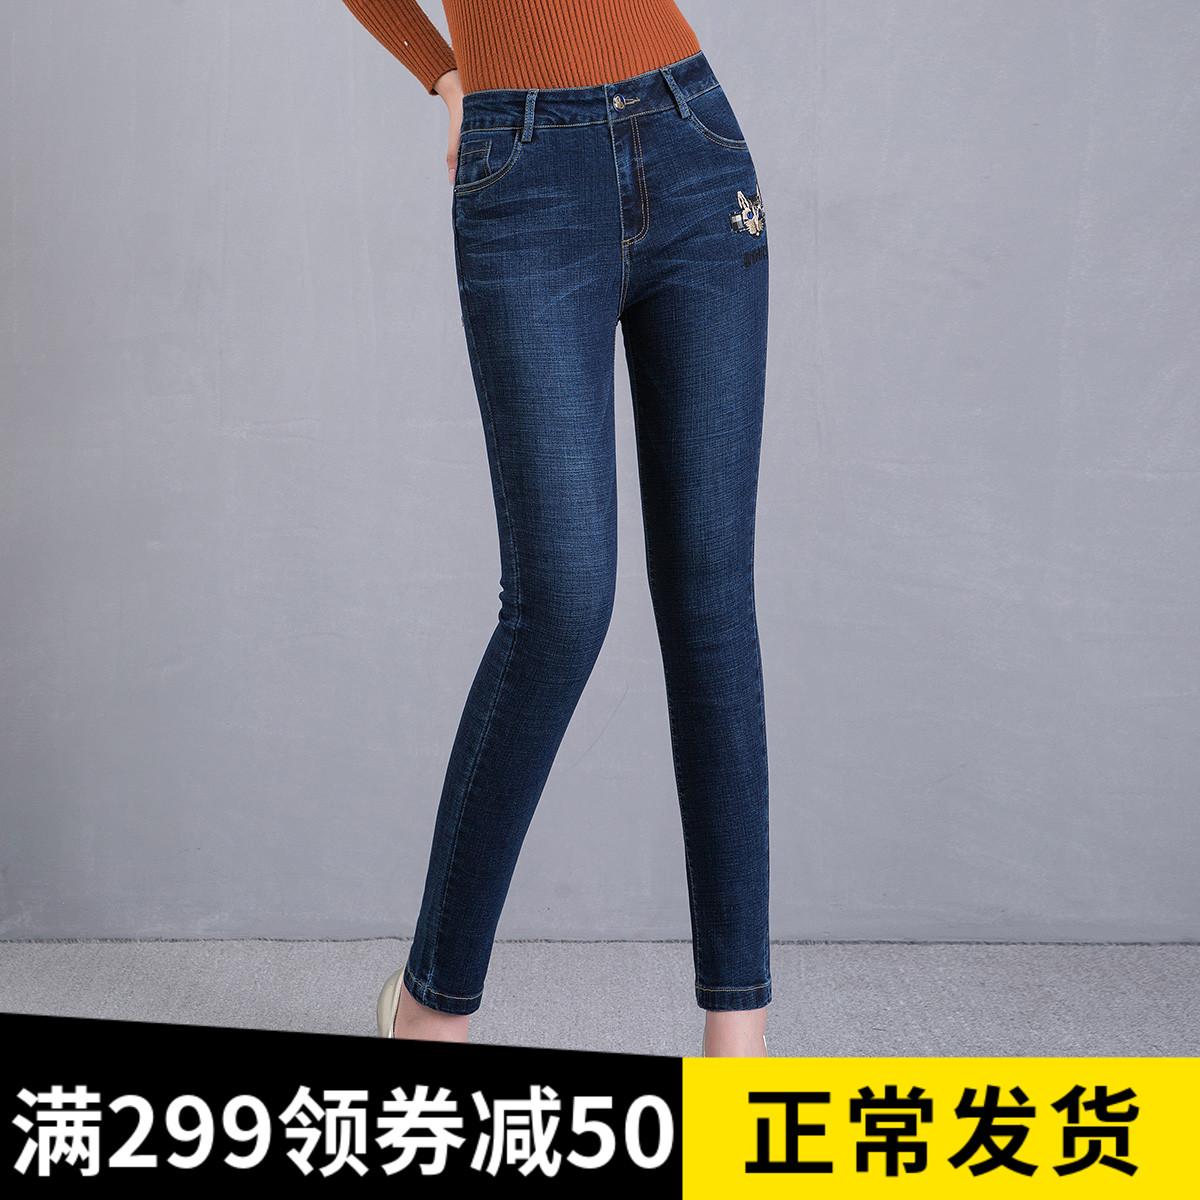 春季弹力紧身牛仔裤中年女人中腰修身显瘦小脚裤春天女性大码长裤